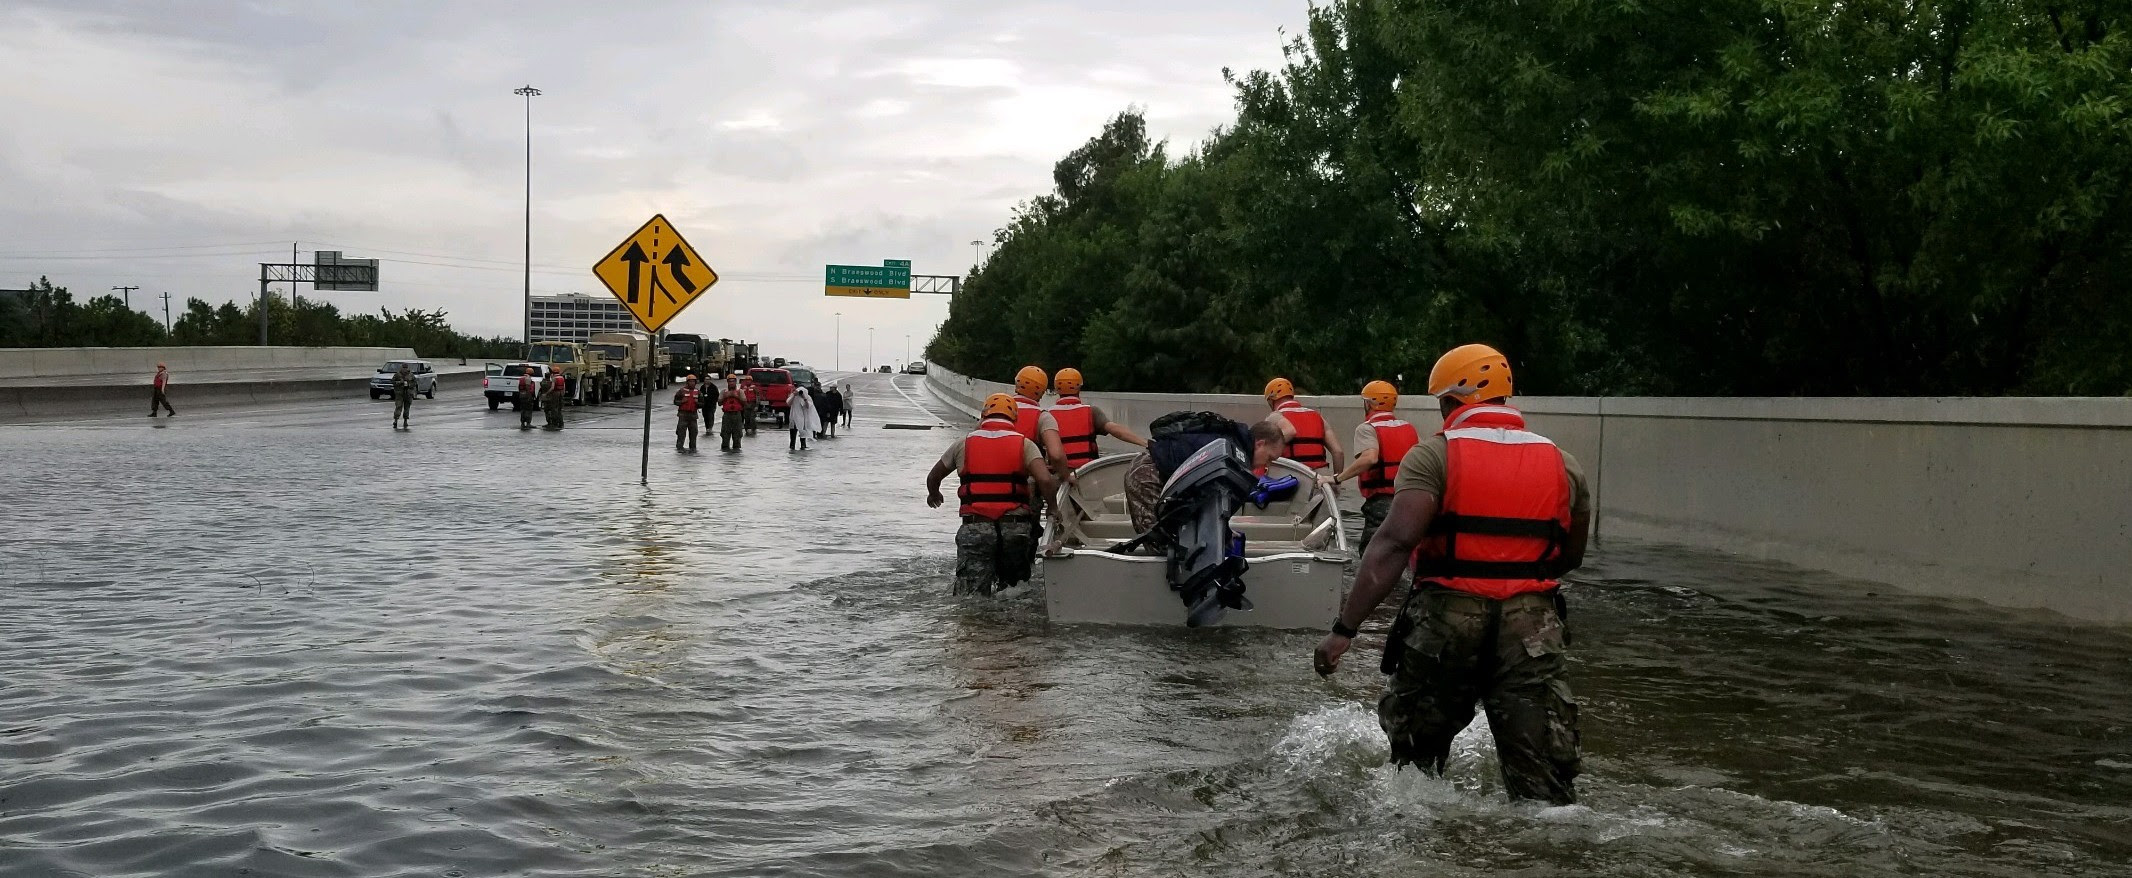 Hurricane Harvey relief underway